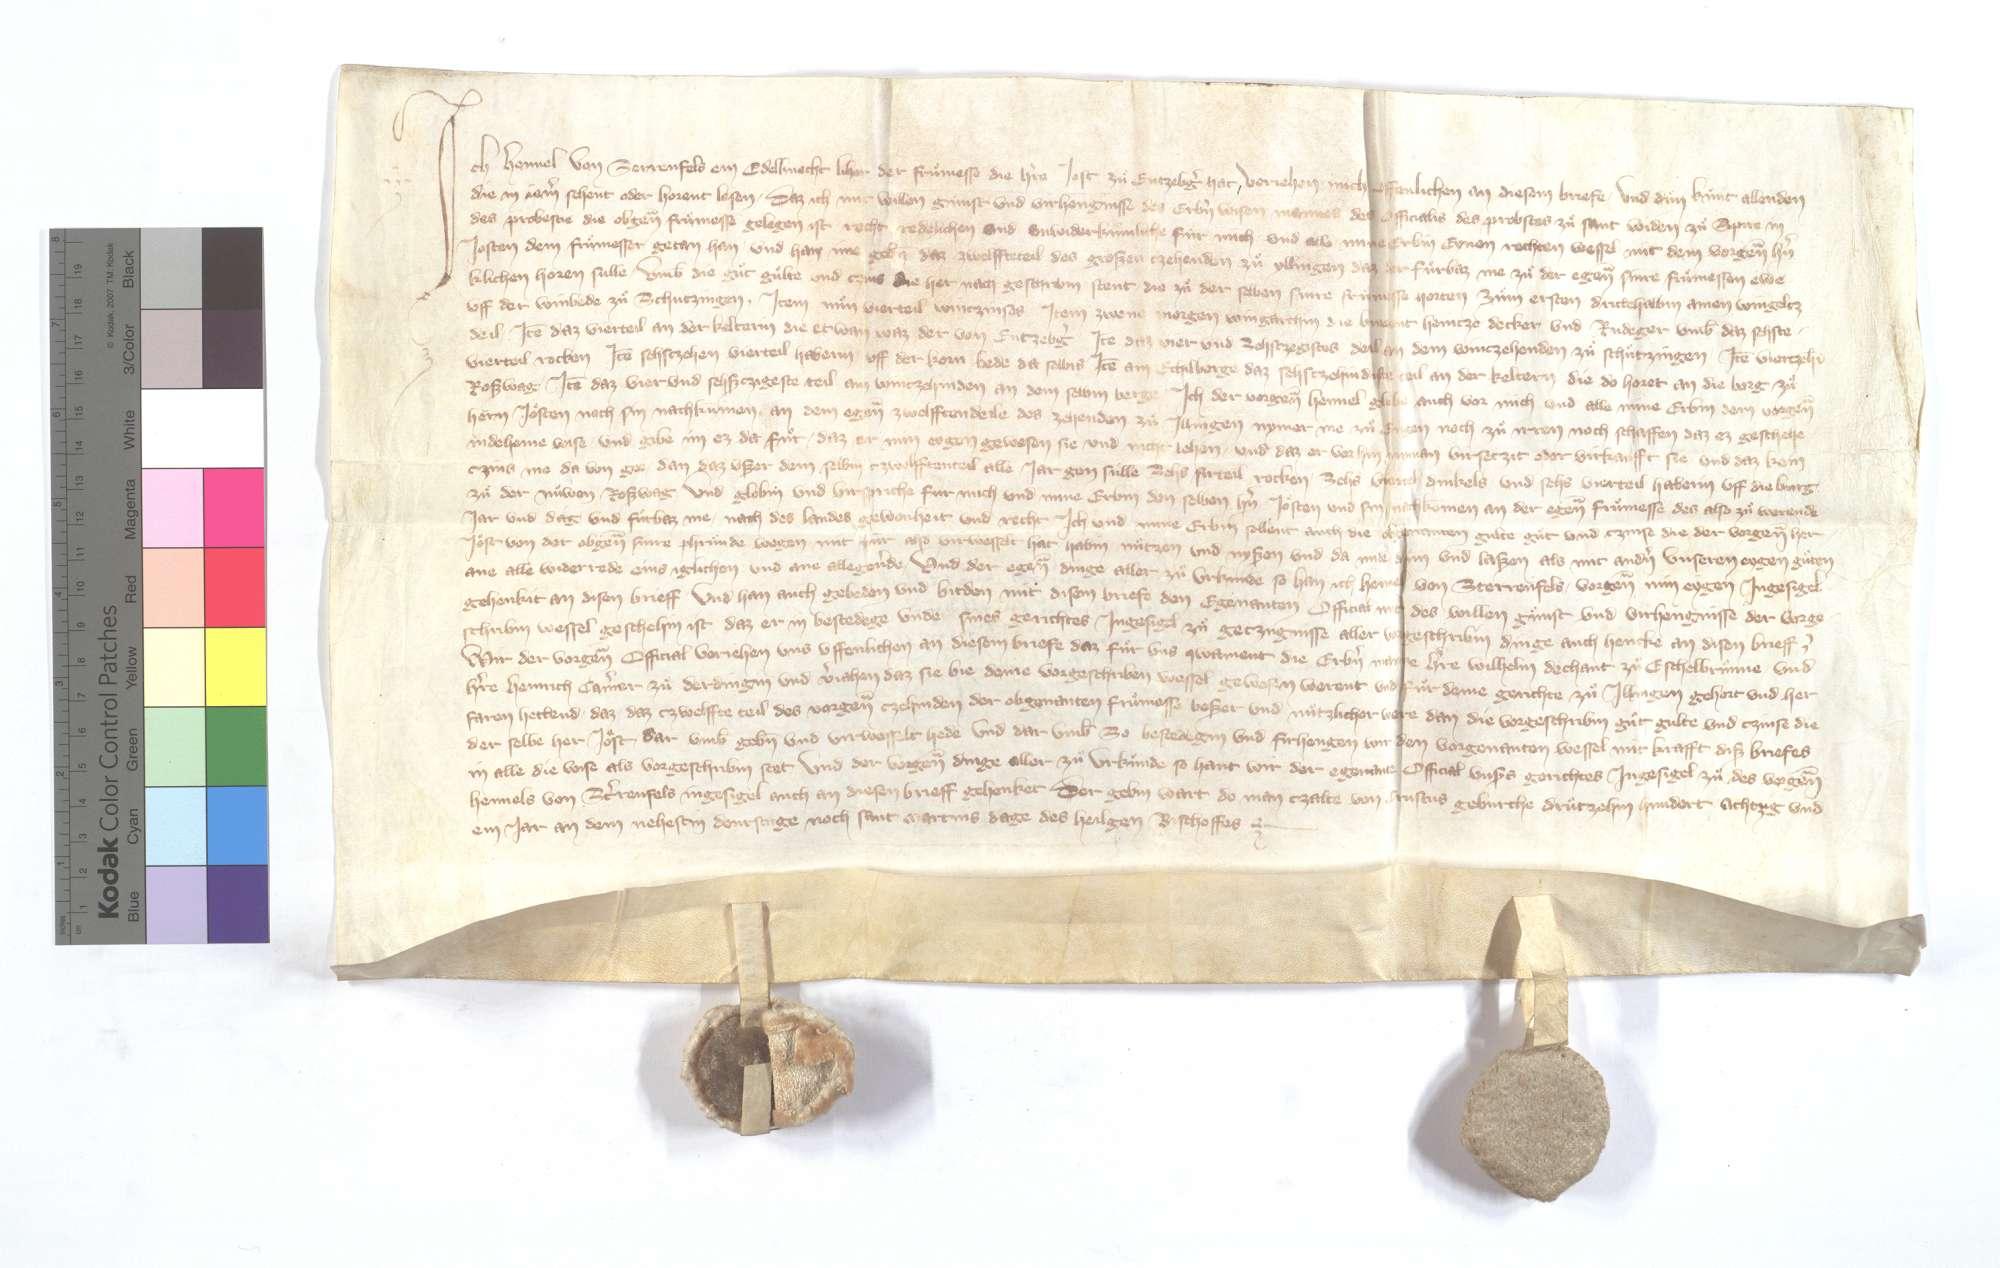 Henel von Sternenfels vertauscht sein 1/12 des Zehnten in Illingen gegen die der Frühmess in Enzberg gehörigen Frucht- und Weingülten sowie Güter in Schützingen (Schüzingen)., Text